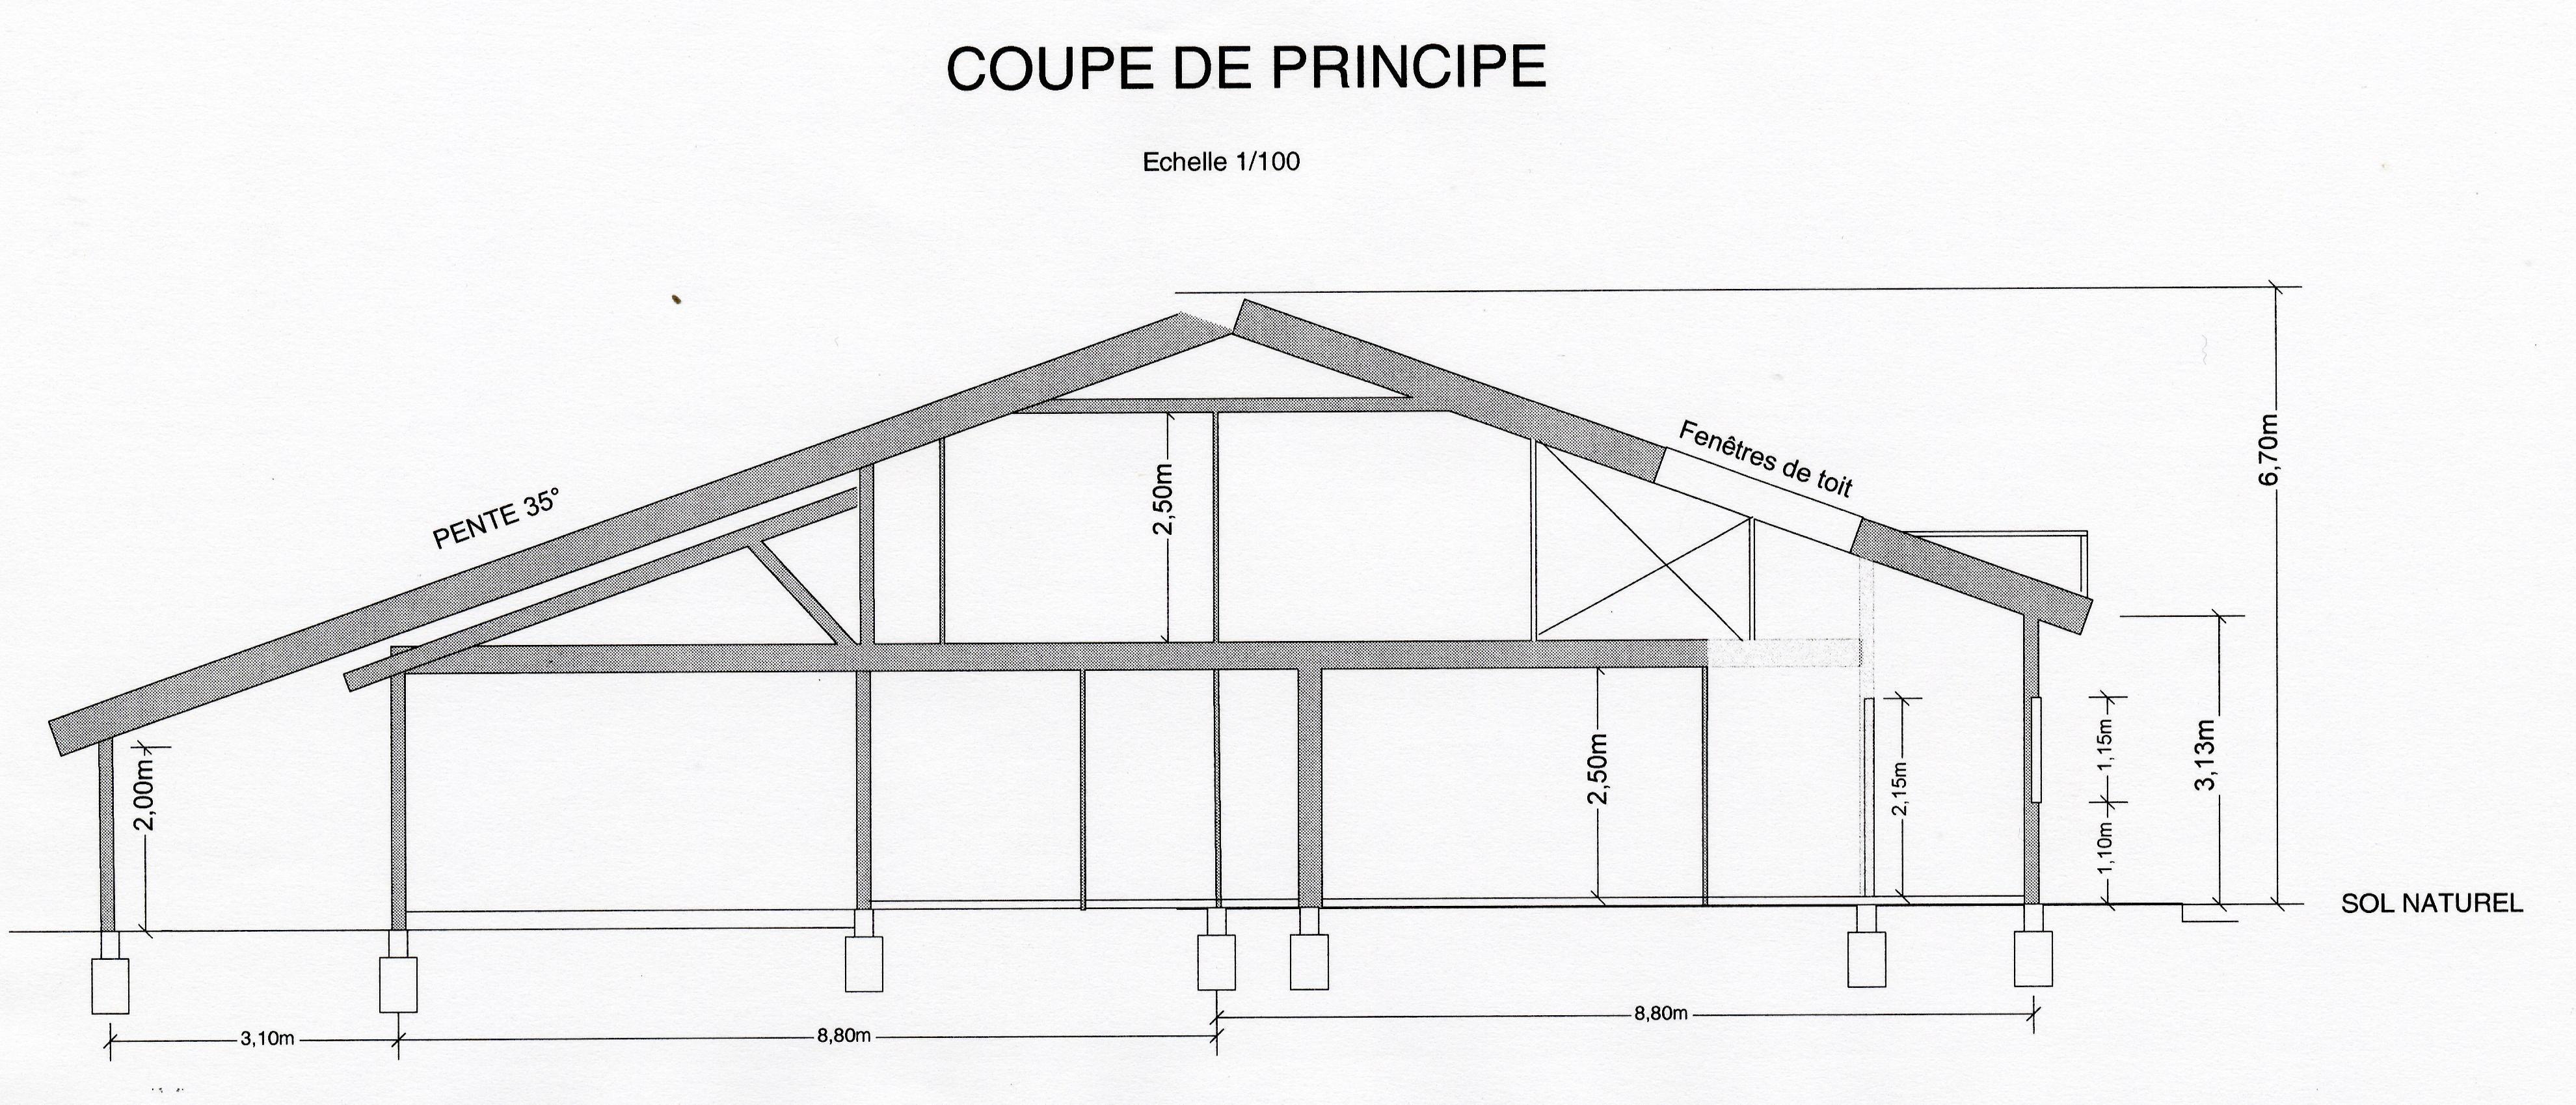 Coupedeprincipe1